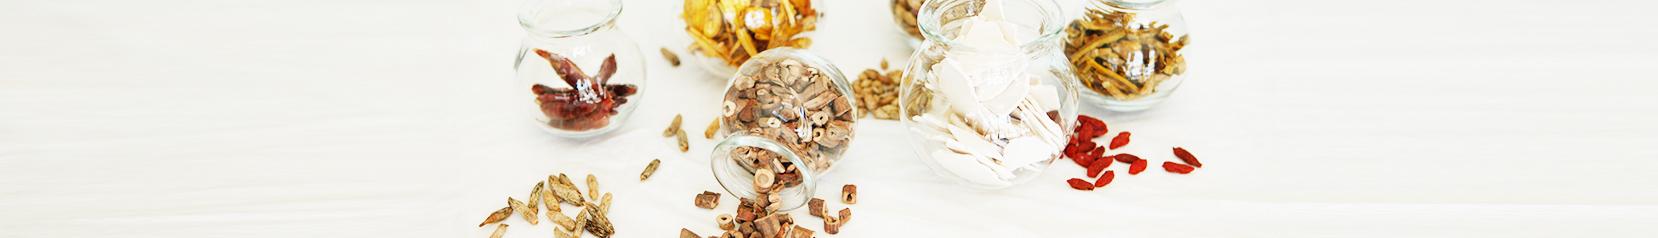 תמונת רוחב של צנצנות צמחי מרפא